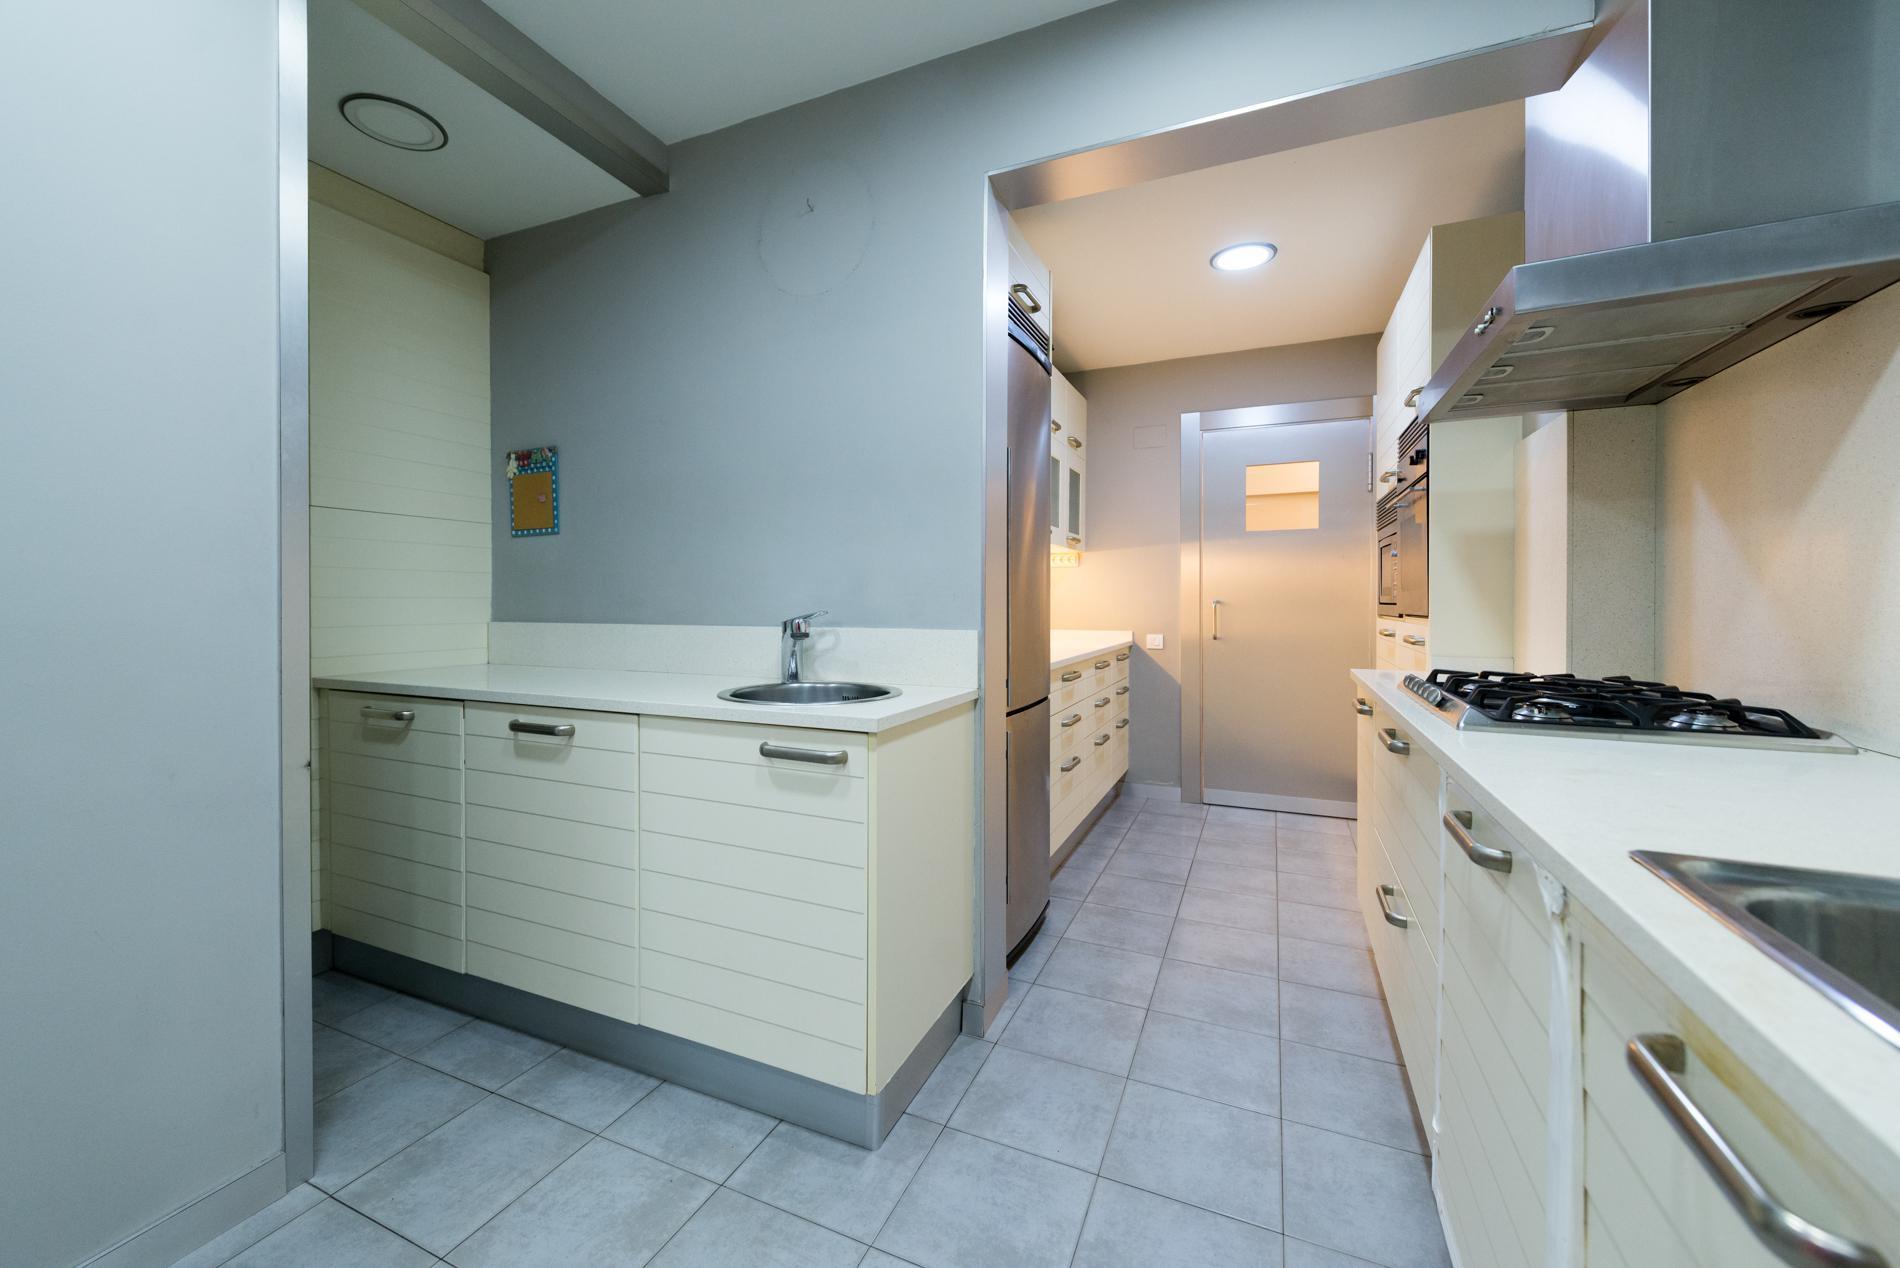 247761 Ground Floor for sale in Sarrià-Sant Gervasi, St. Gervasi-Bonanova 34